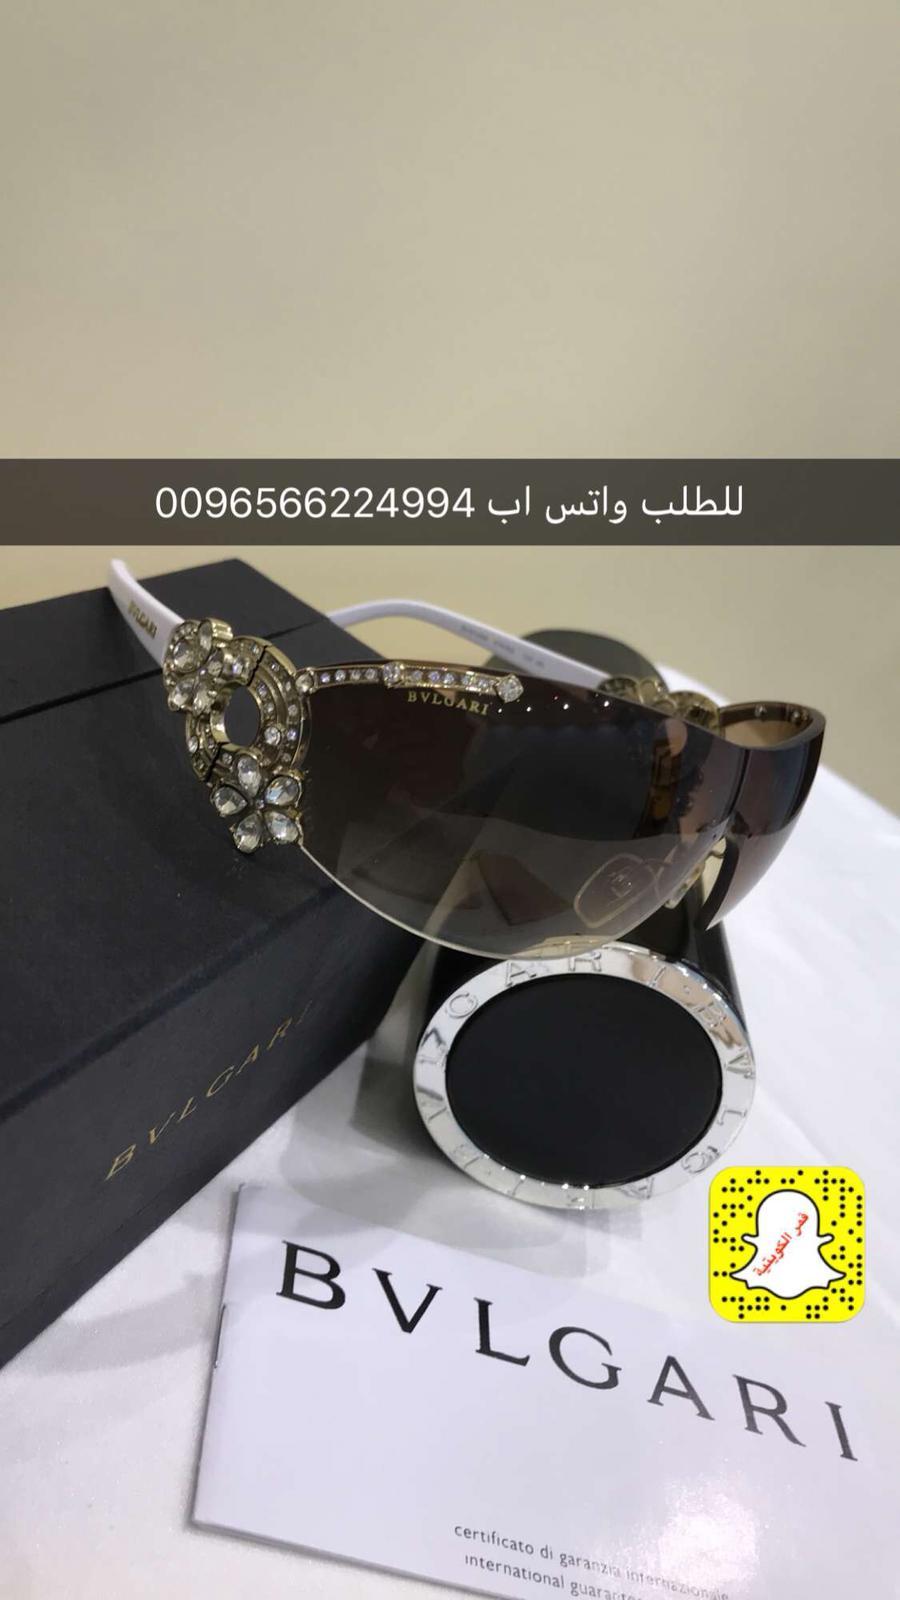 نظارة تقليد شوبارد بالعلبة و الملحقات و الكيس الورقي